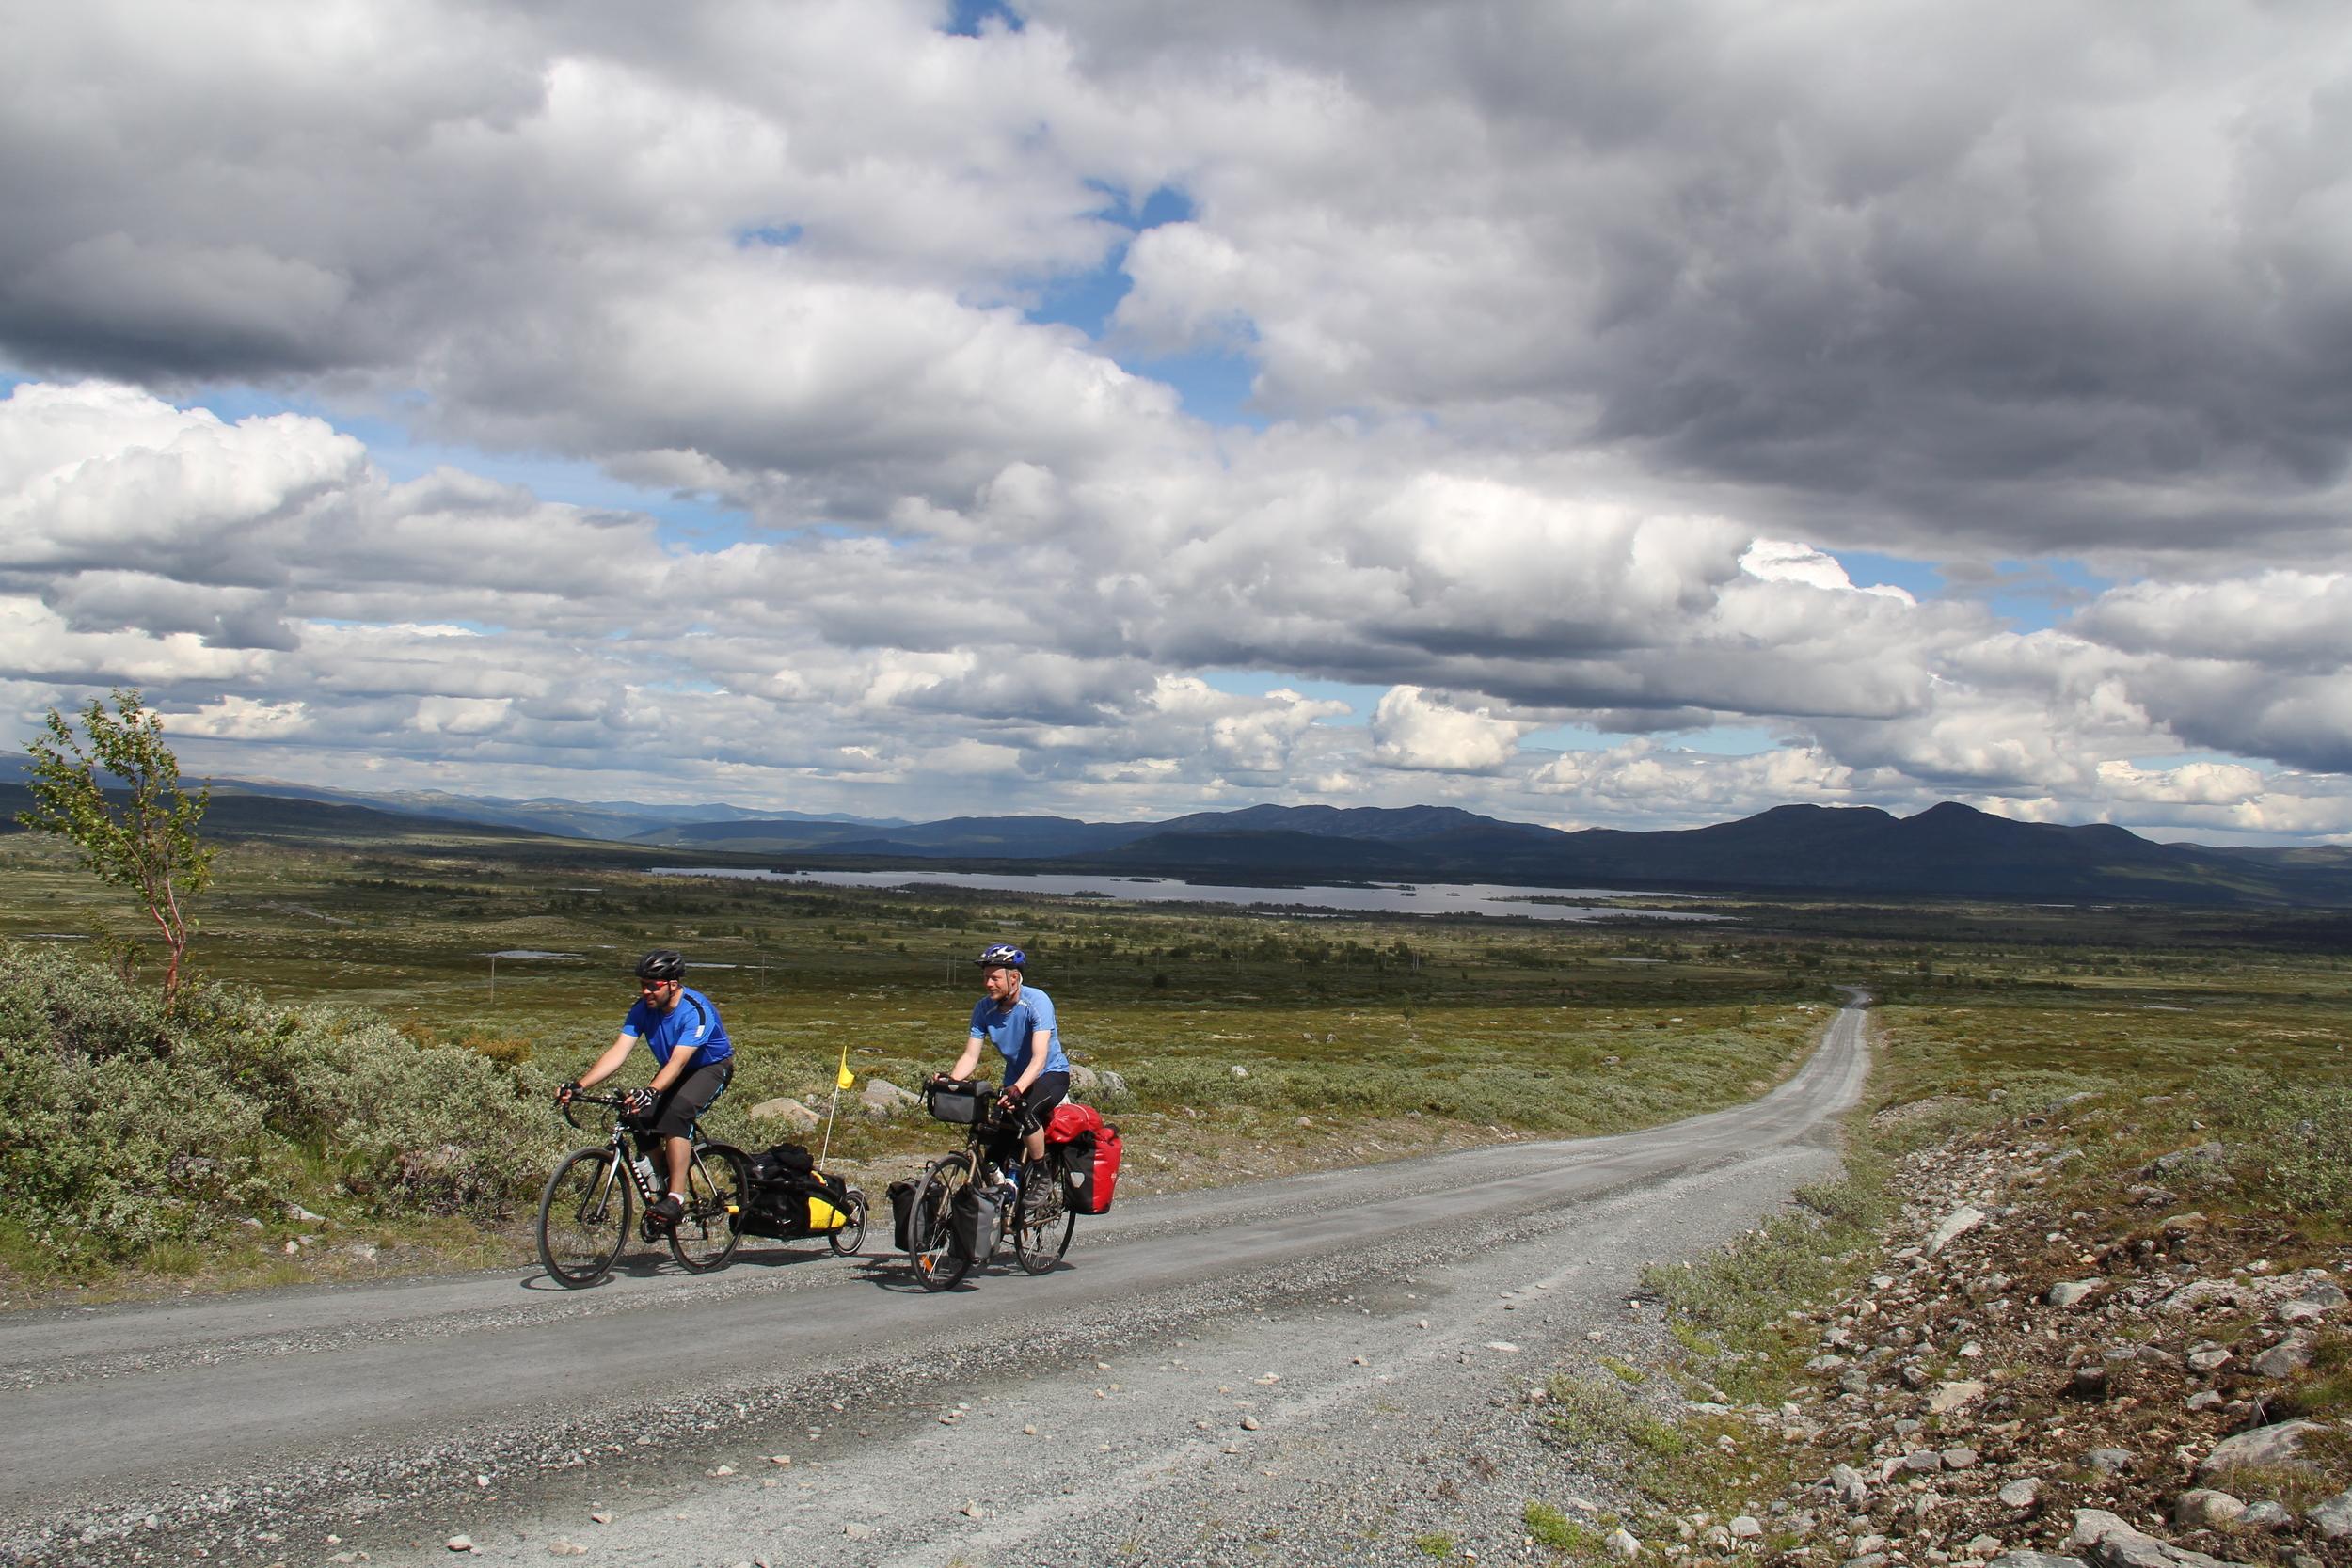 Kameraten min Lars og jeg på vei opp Jotunheimveien. Et herlig område å sykle i.